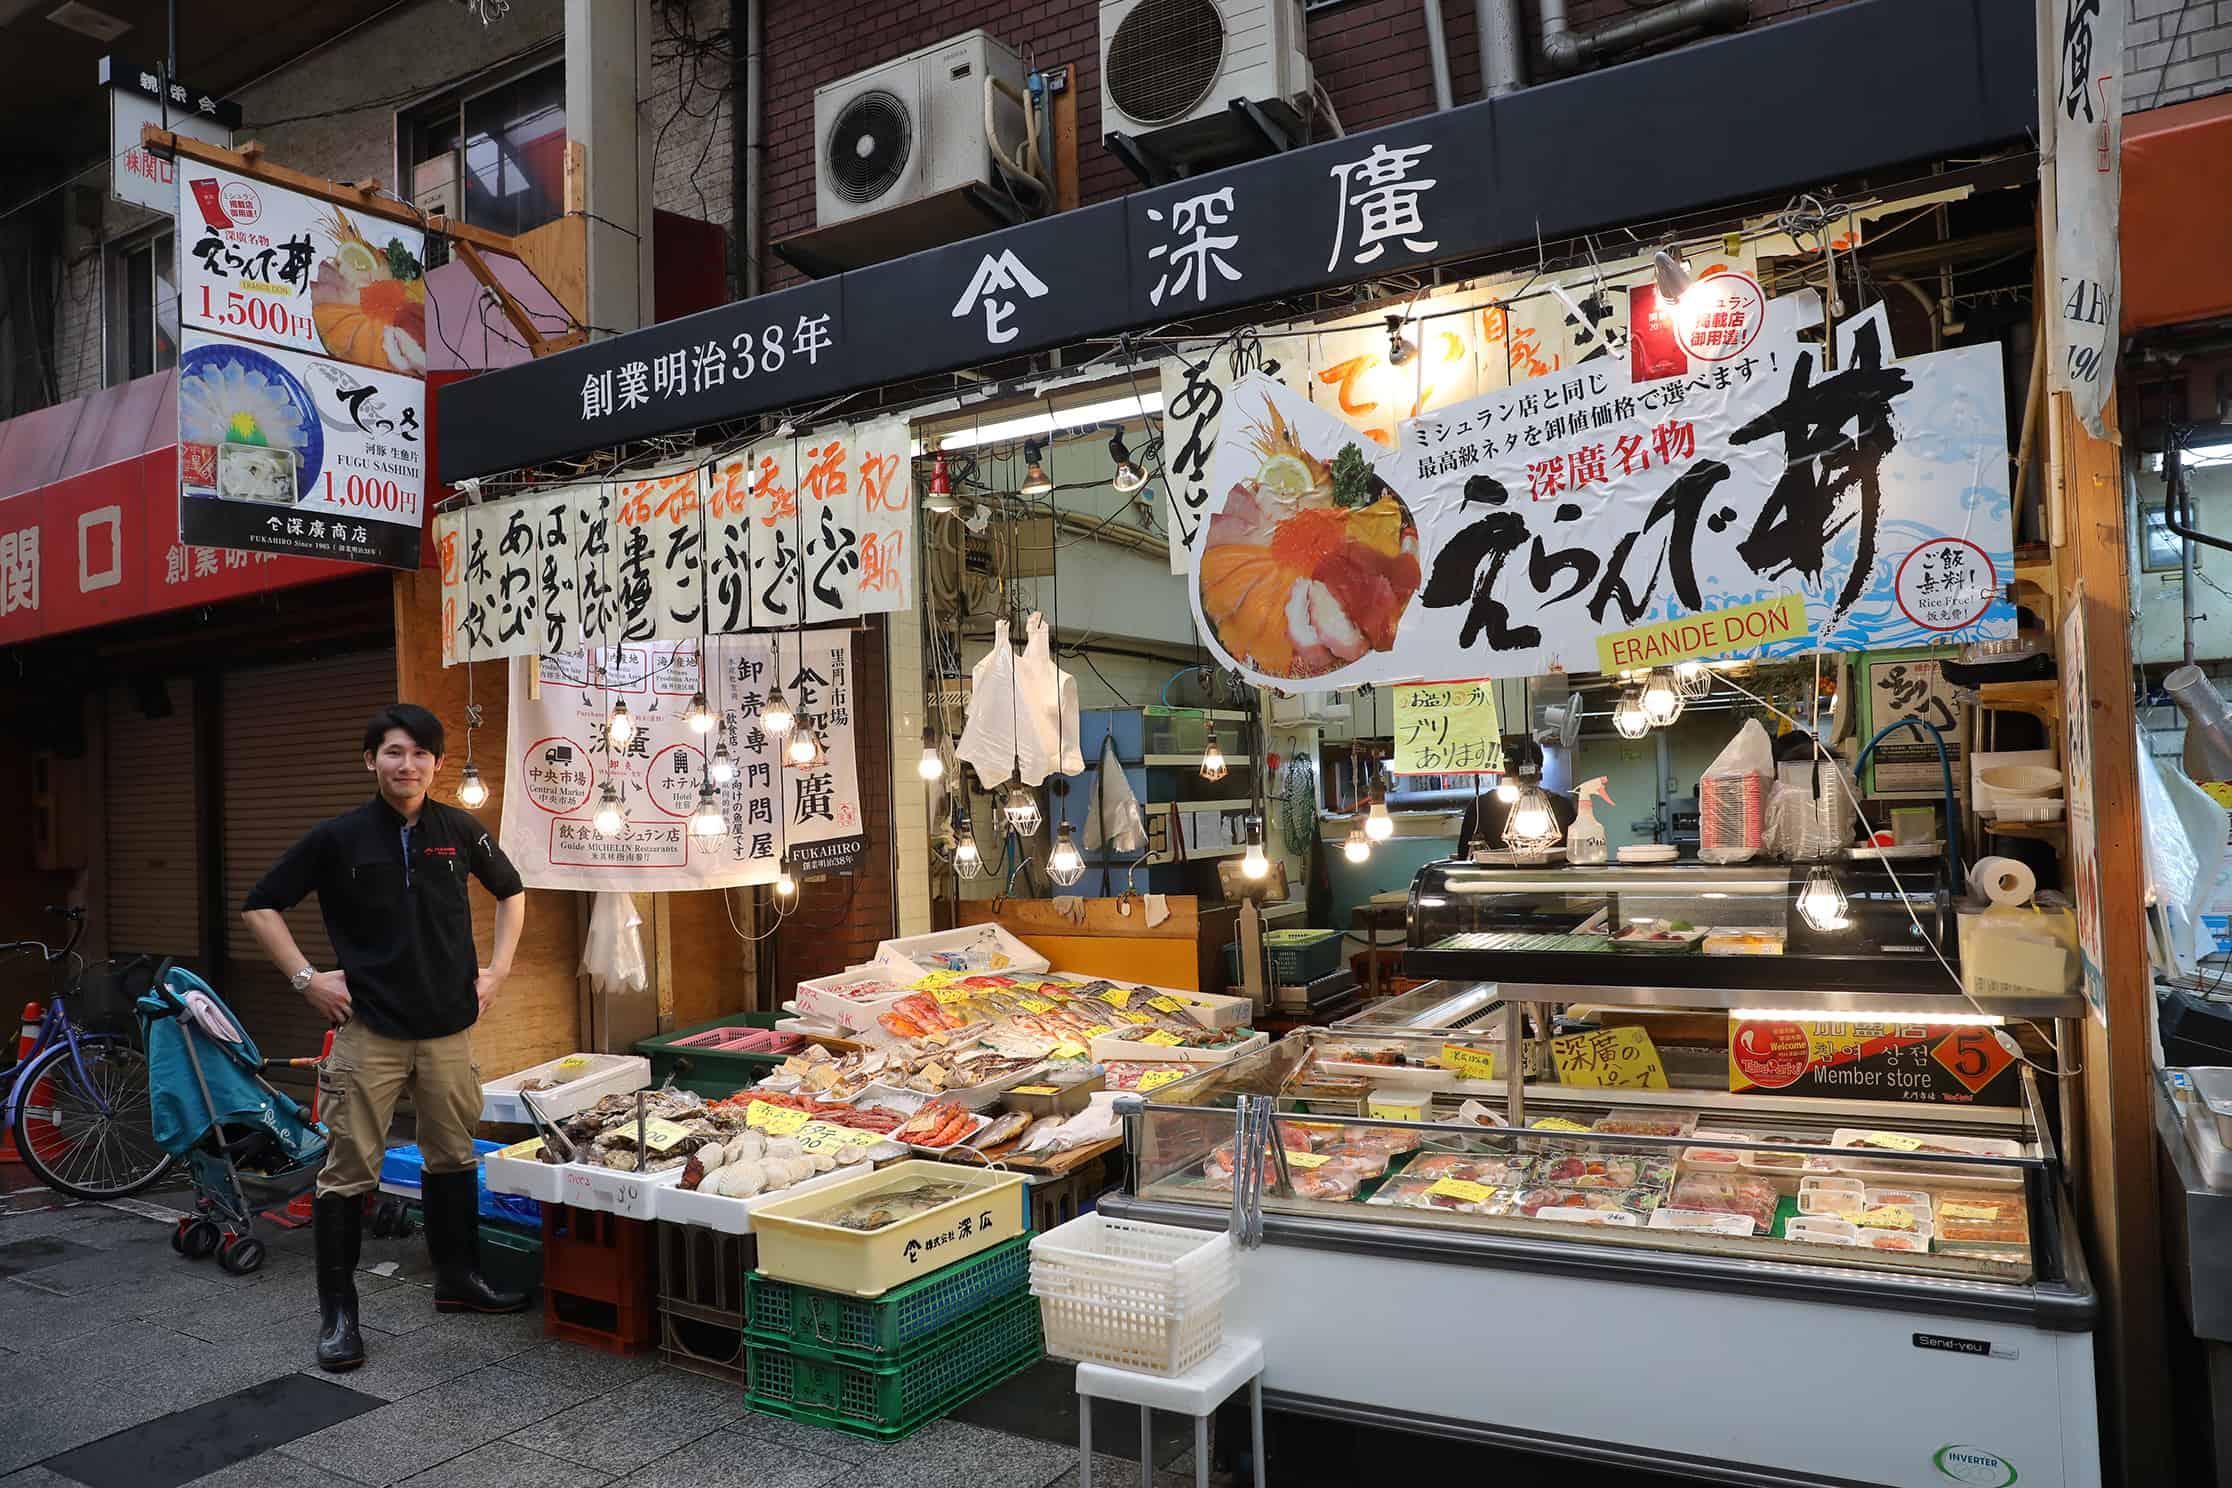 ตลาดปลาคุโรมง (Kuromon Fish Market) - ฟุคาฮิโระ (Fukahiro : 深廣)